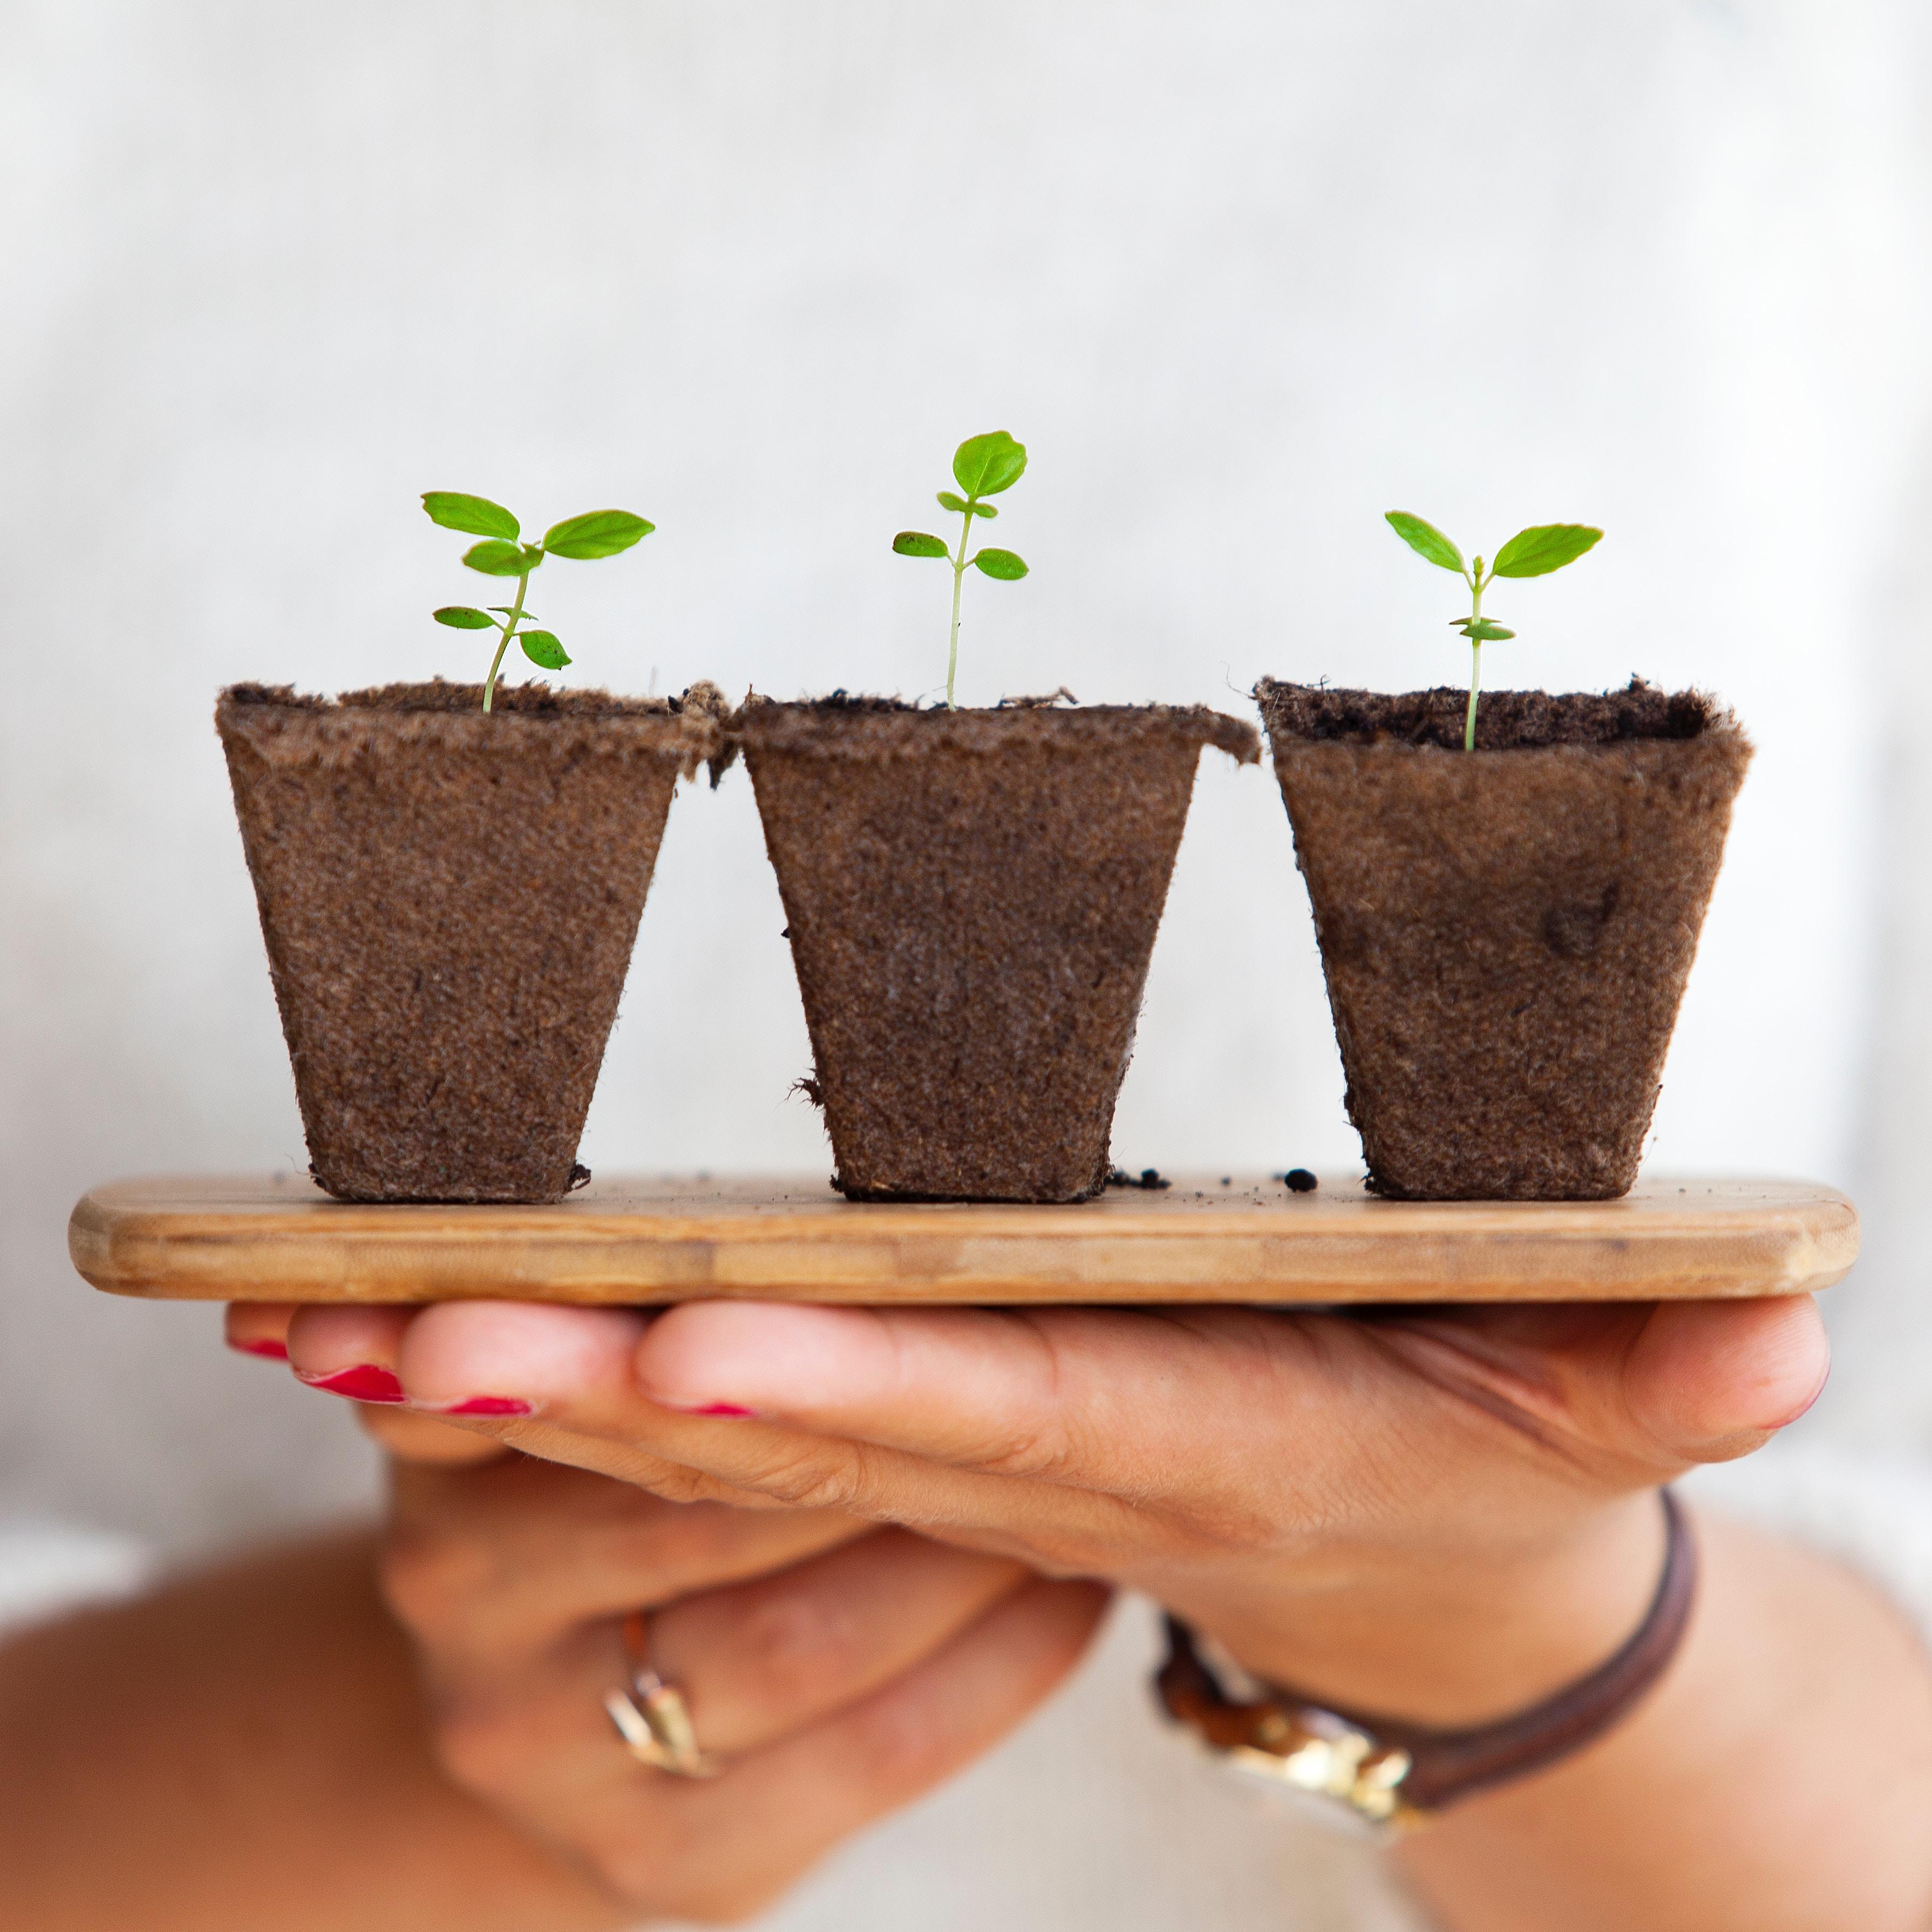 Image principale de l'article Epargne: Quelle assurance vie choisir pour faire fructifier un capital sans risque ?